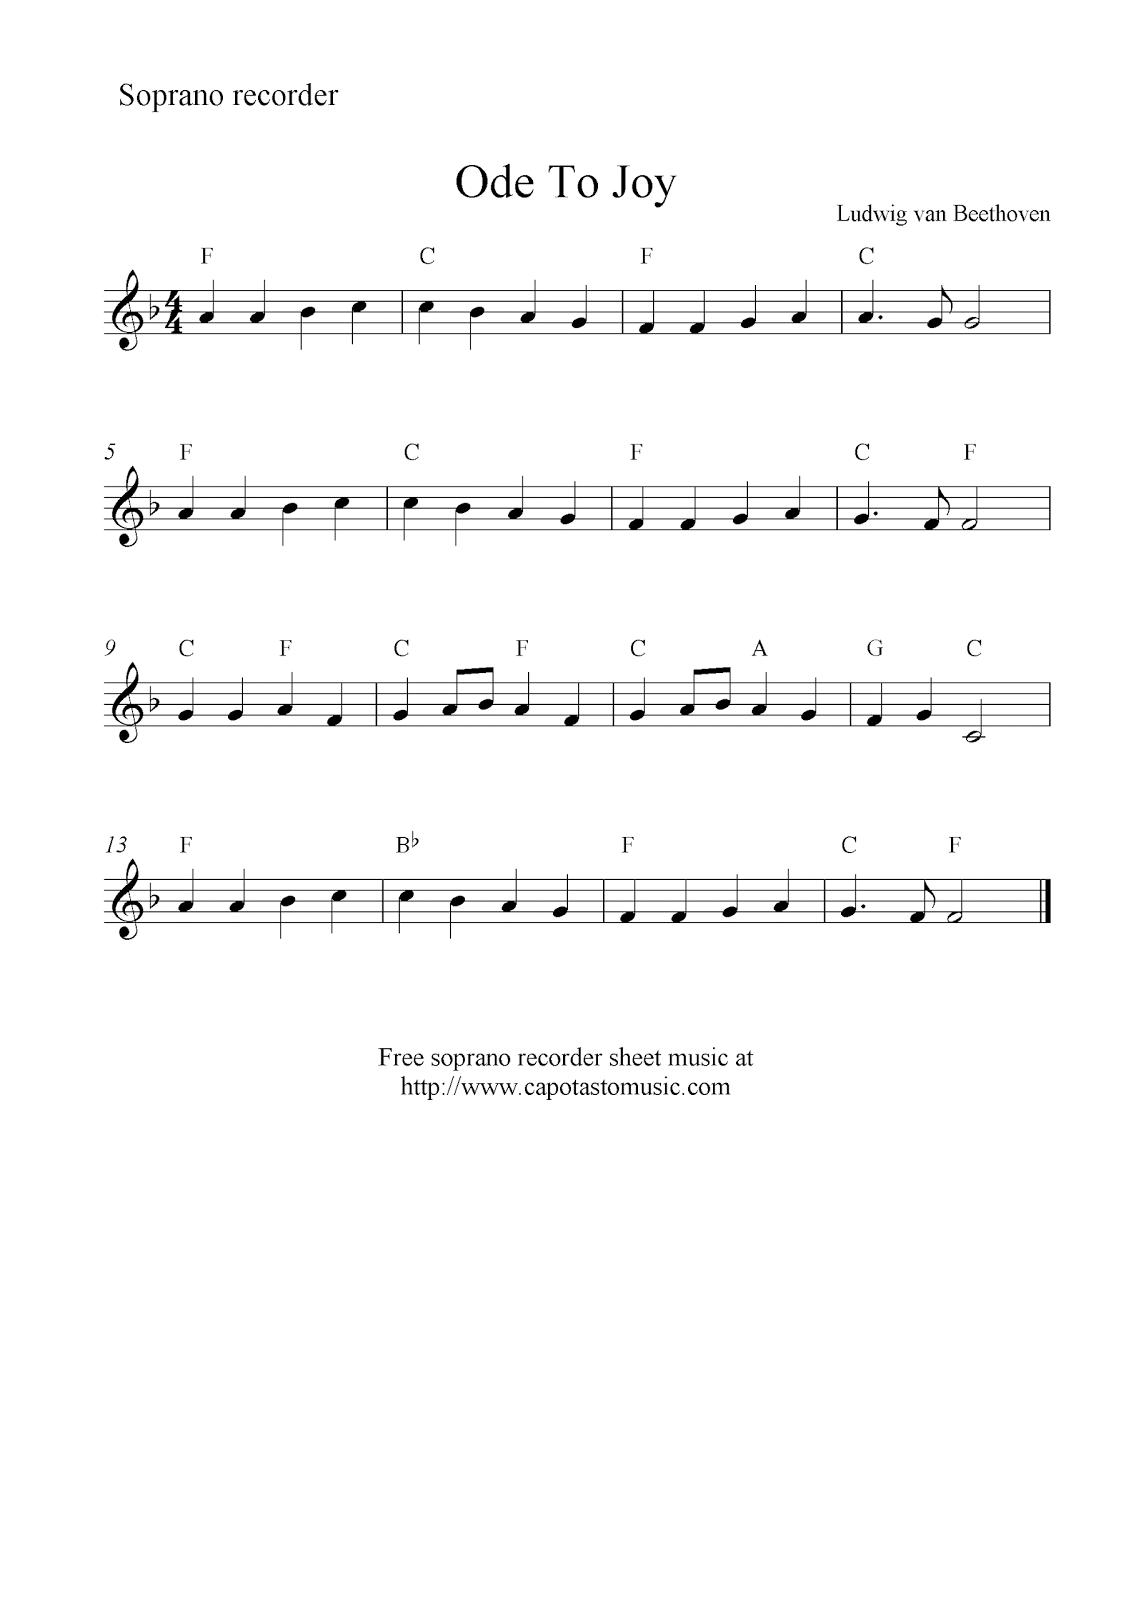 Ode To Joy Free Soprano Recorder Sheet Music Notes